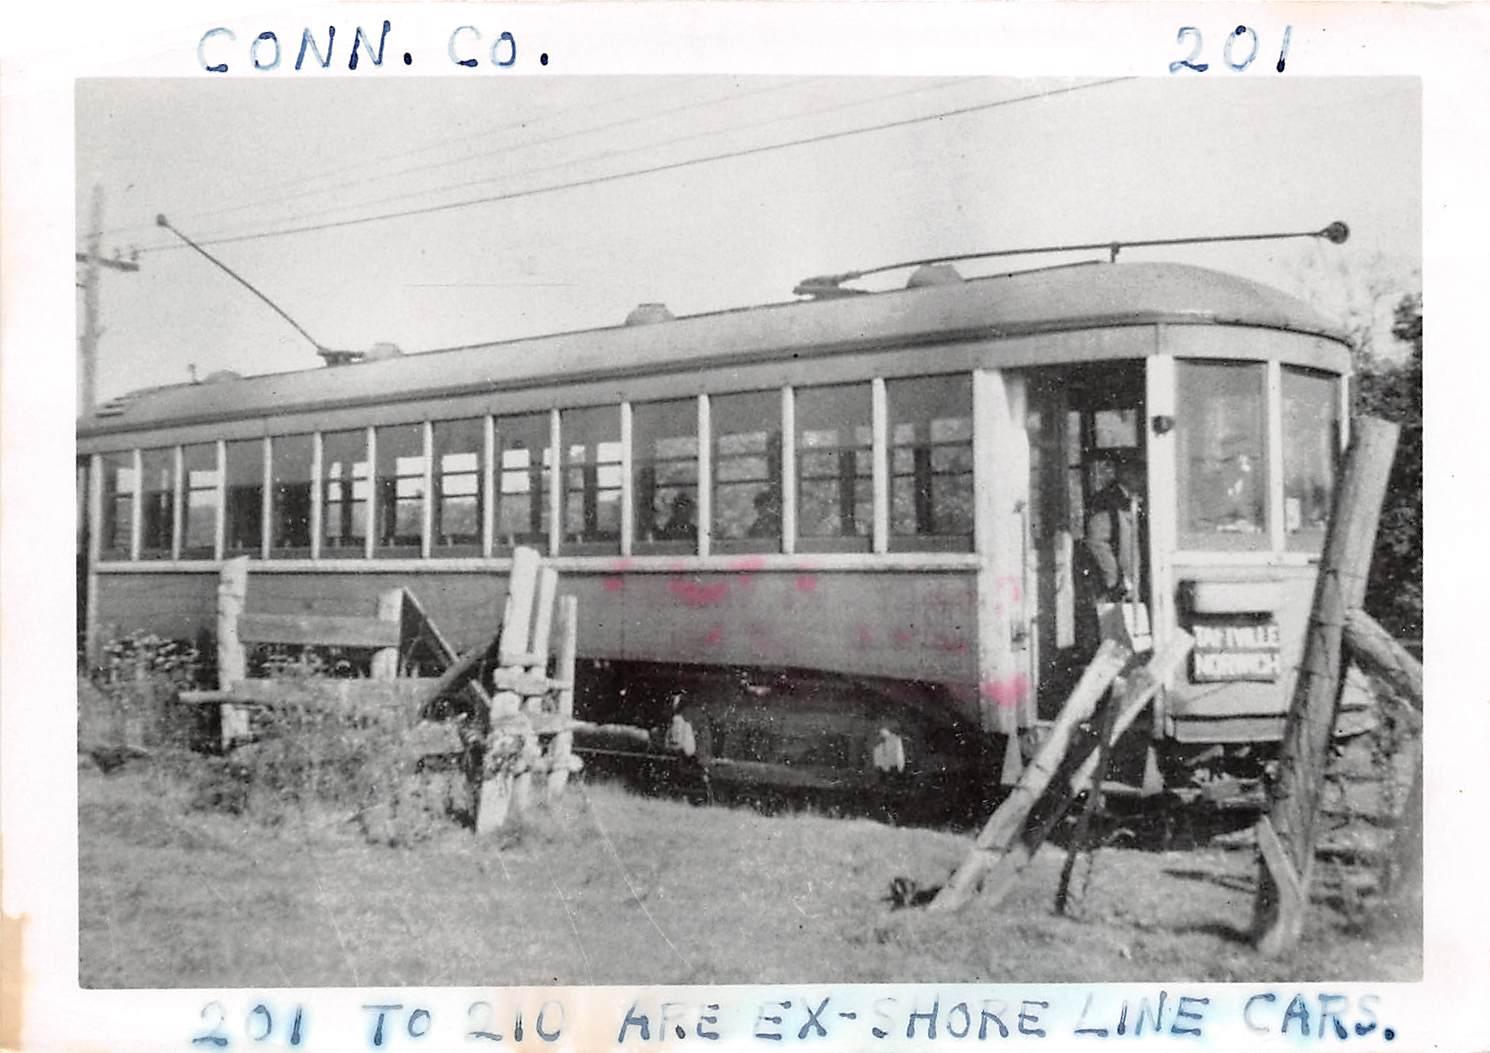 201-210 Ex Shore Line Cars - Misc, Connecticut CT Postcard